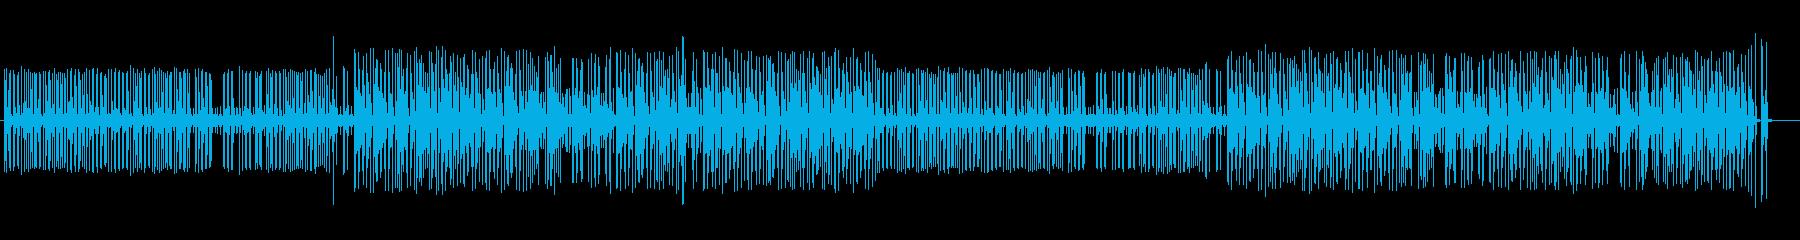 浮遊感を感じさせるシンセポップの再生済みの波形